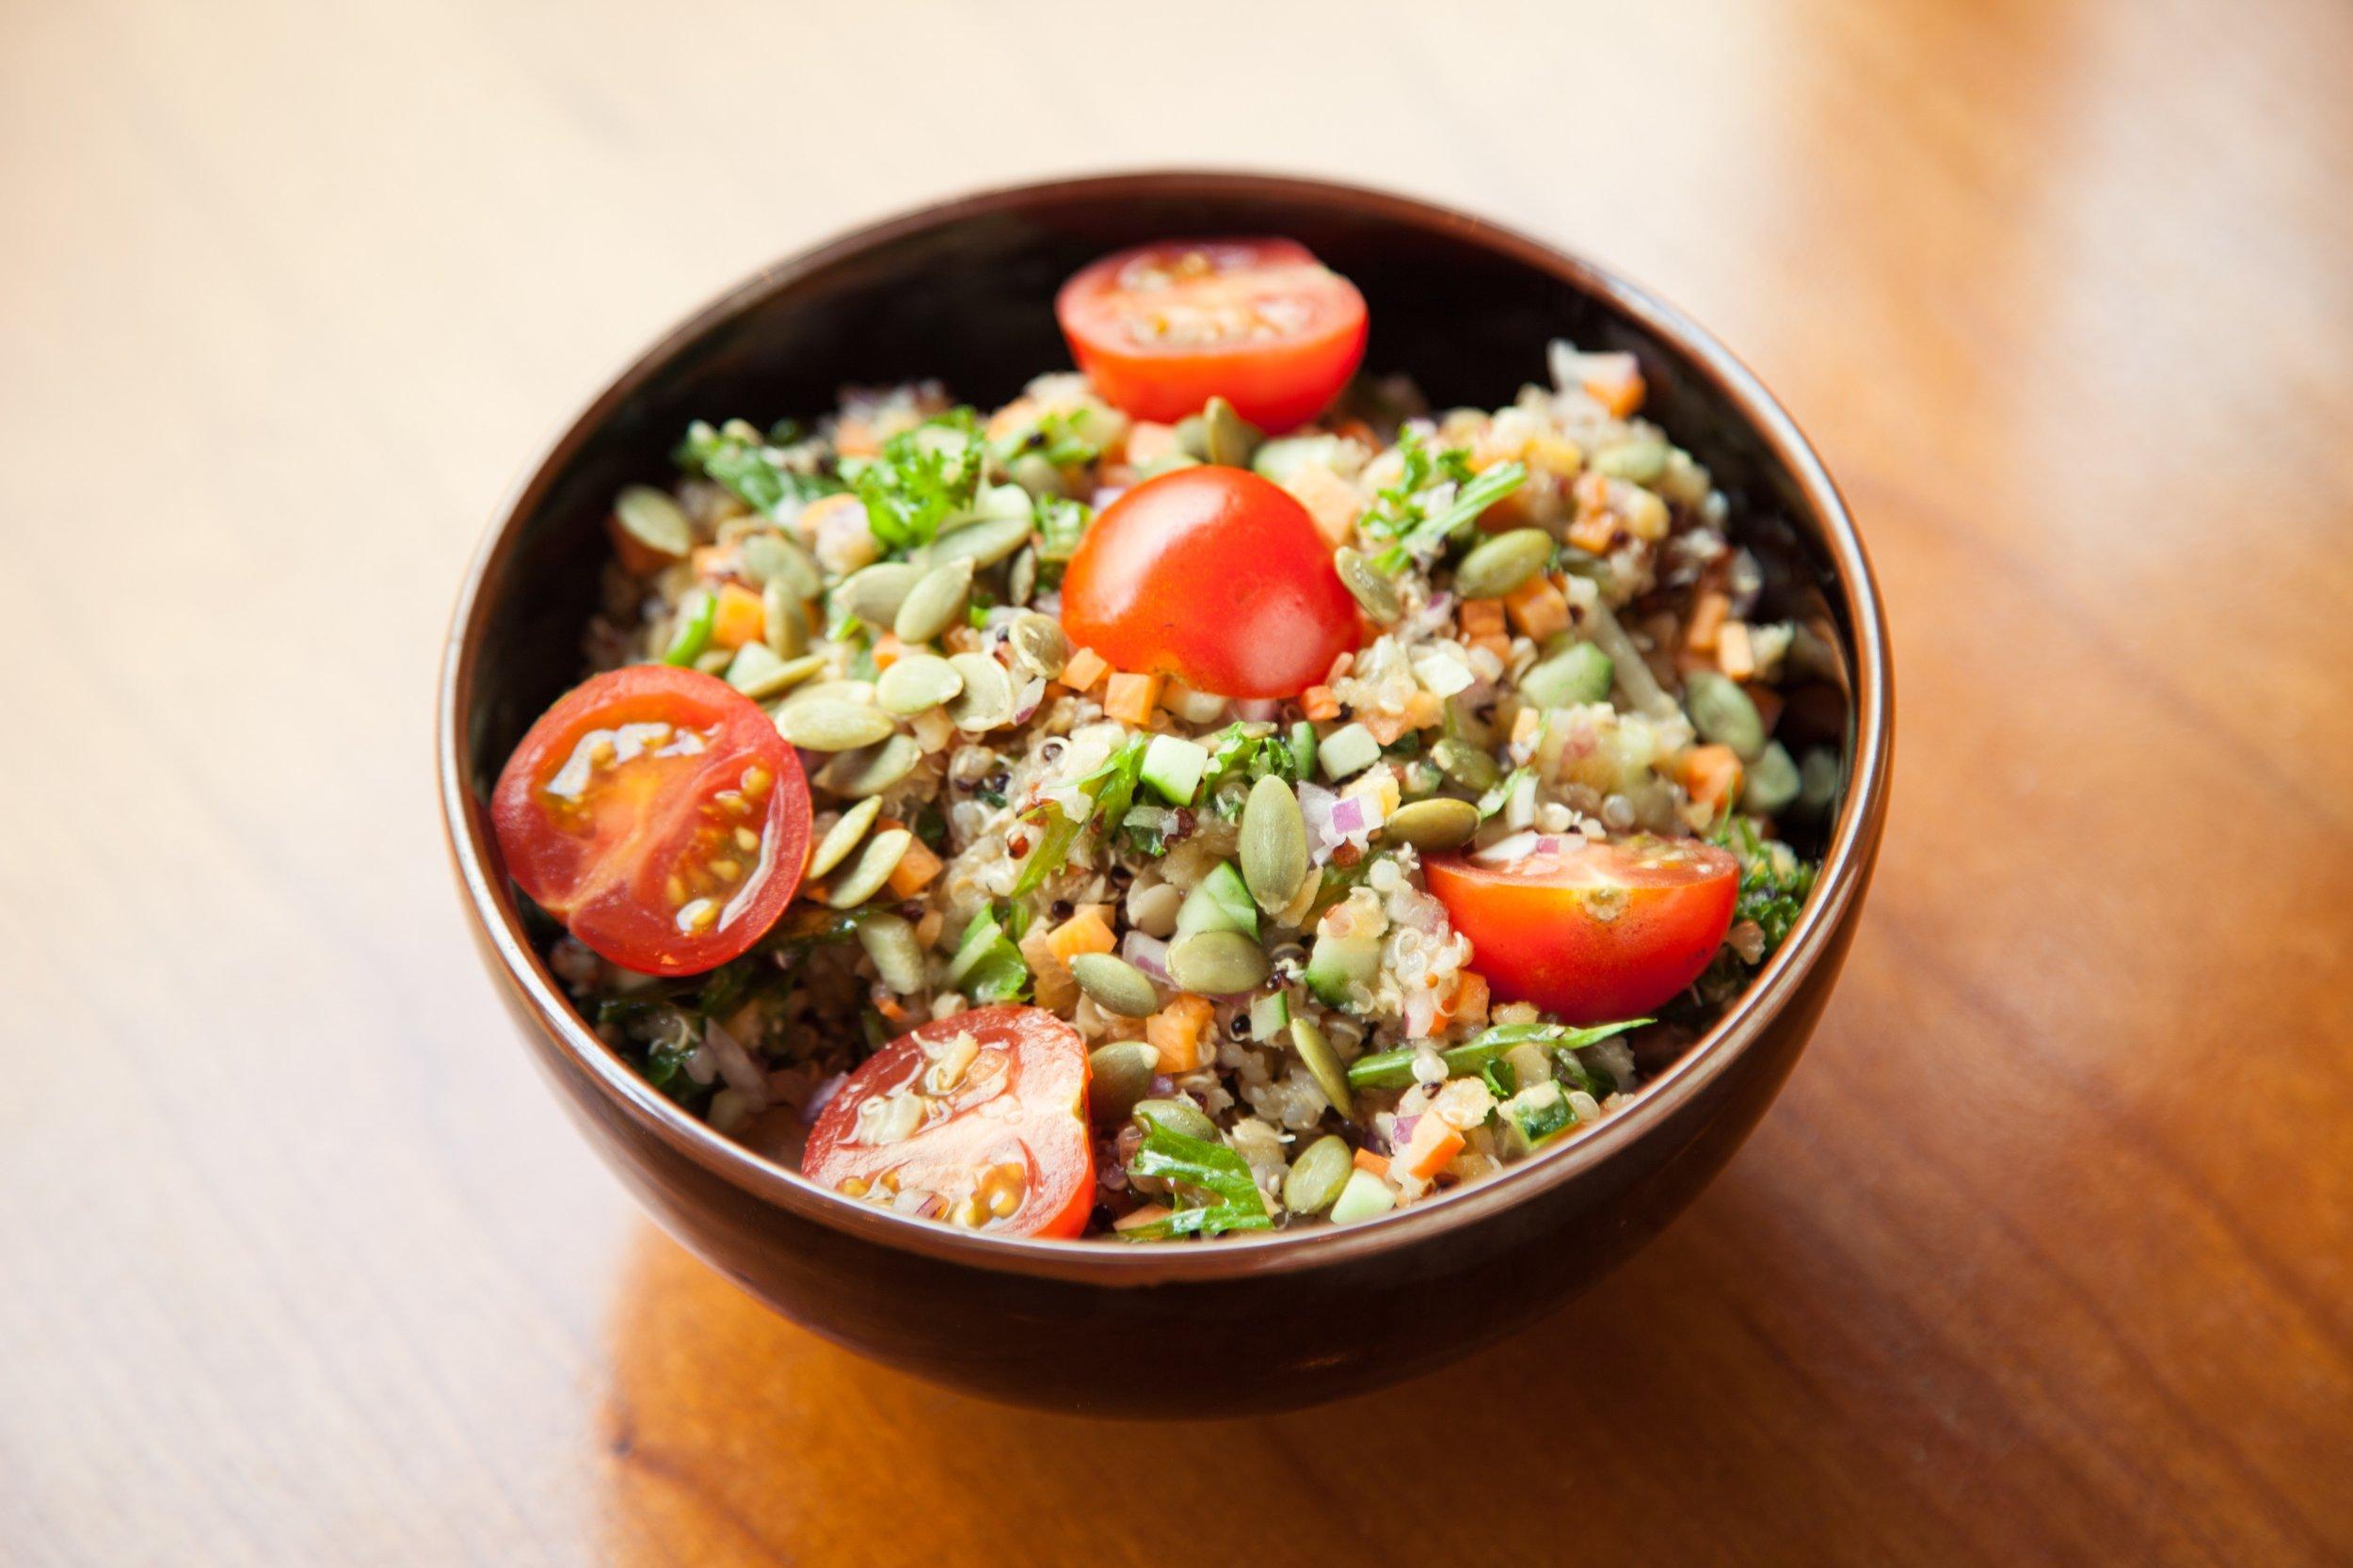 キヌア&レンティル豆サラダ。Quinoa & Lentil Salad